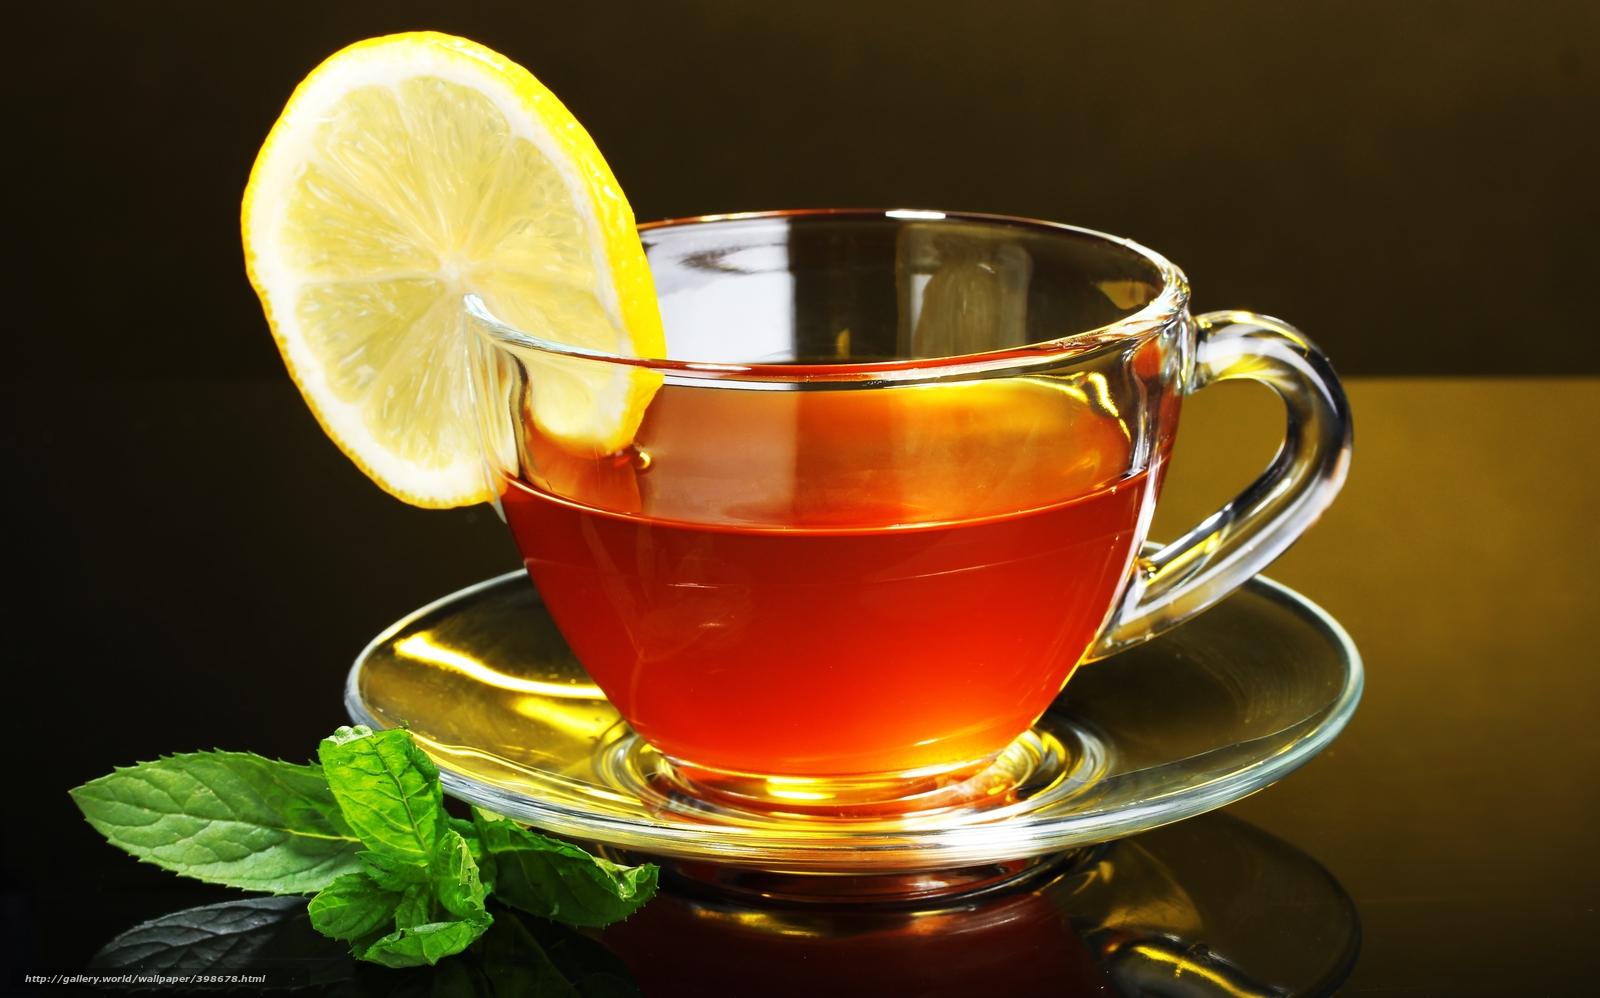 Скачать обои чай,  лимон,  чашка,  блюдце бесплатно для рабочего стола в разрешении 5000x3120 — картинка №398678